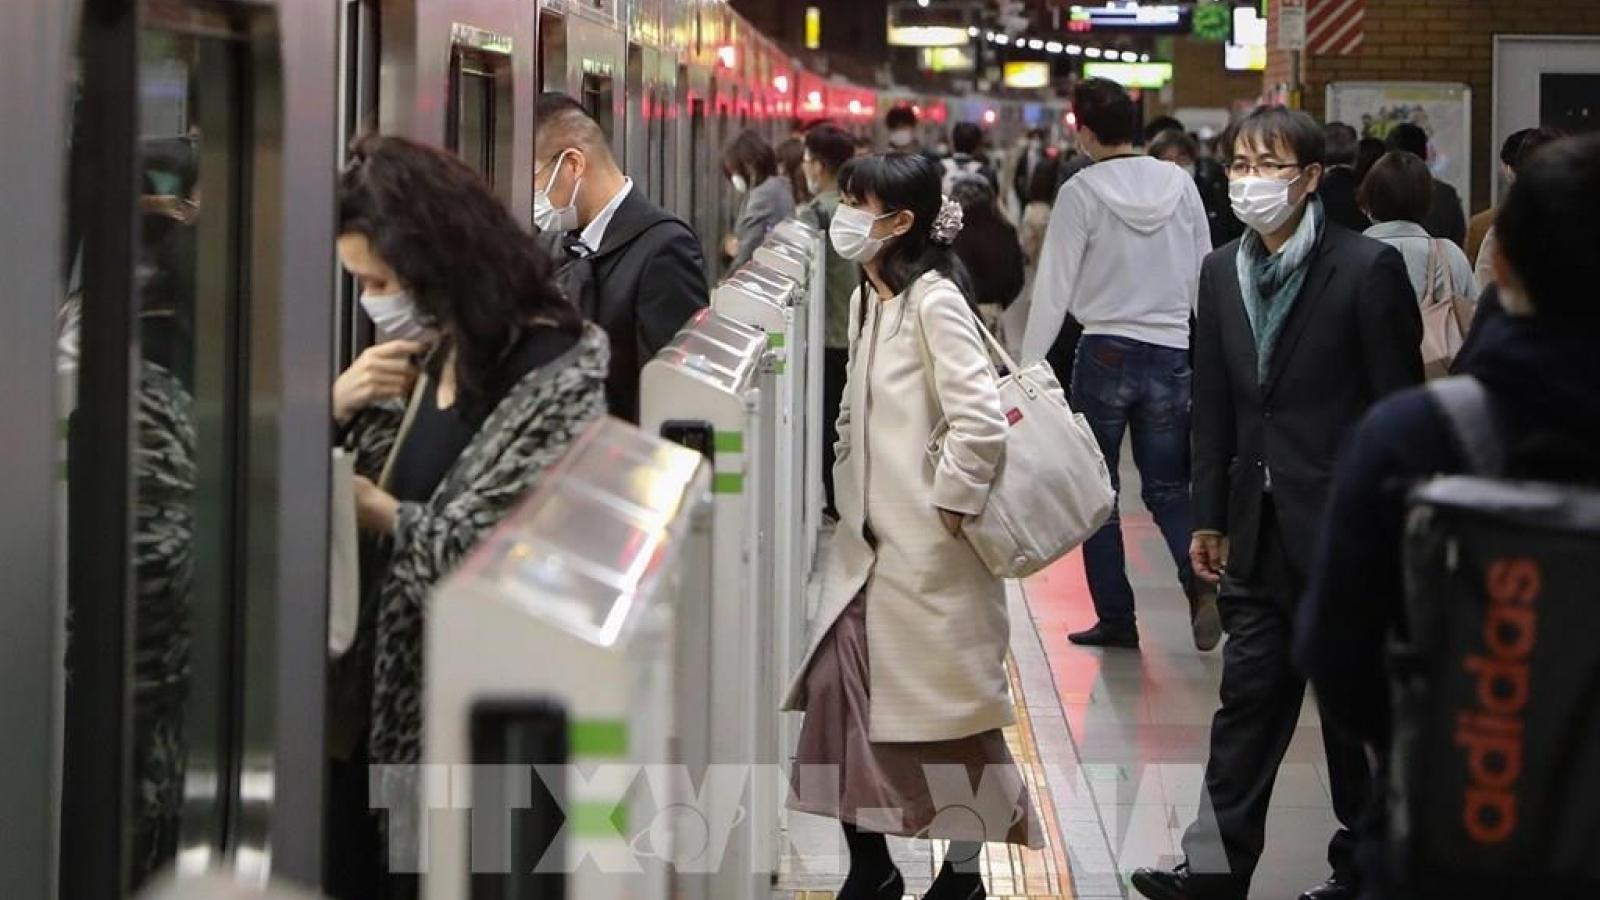 Nhật Bản lần thứ 3 phải tuyên bố tình trạng khẩn cấp vì Covid-19